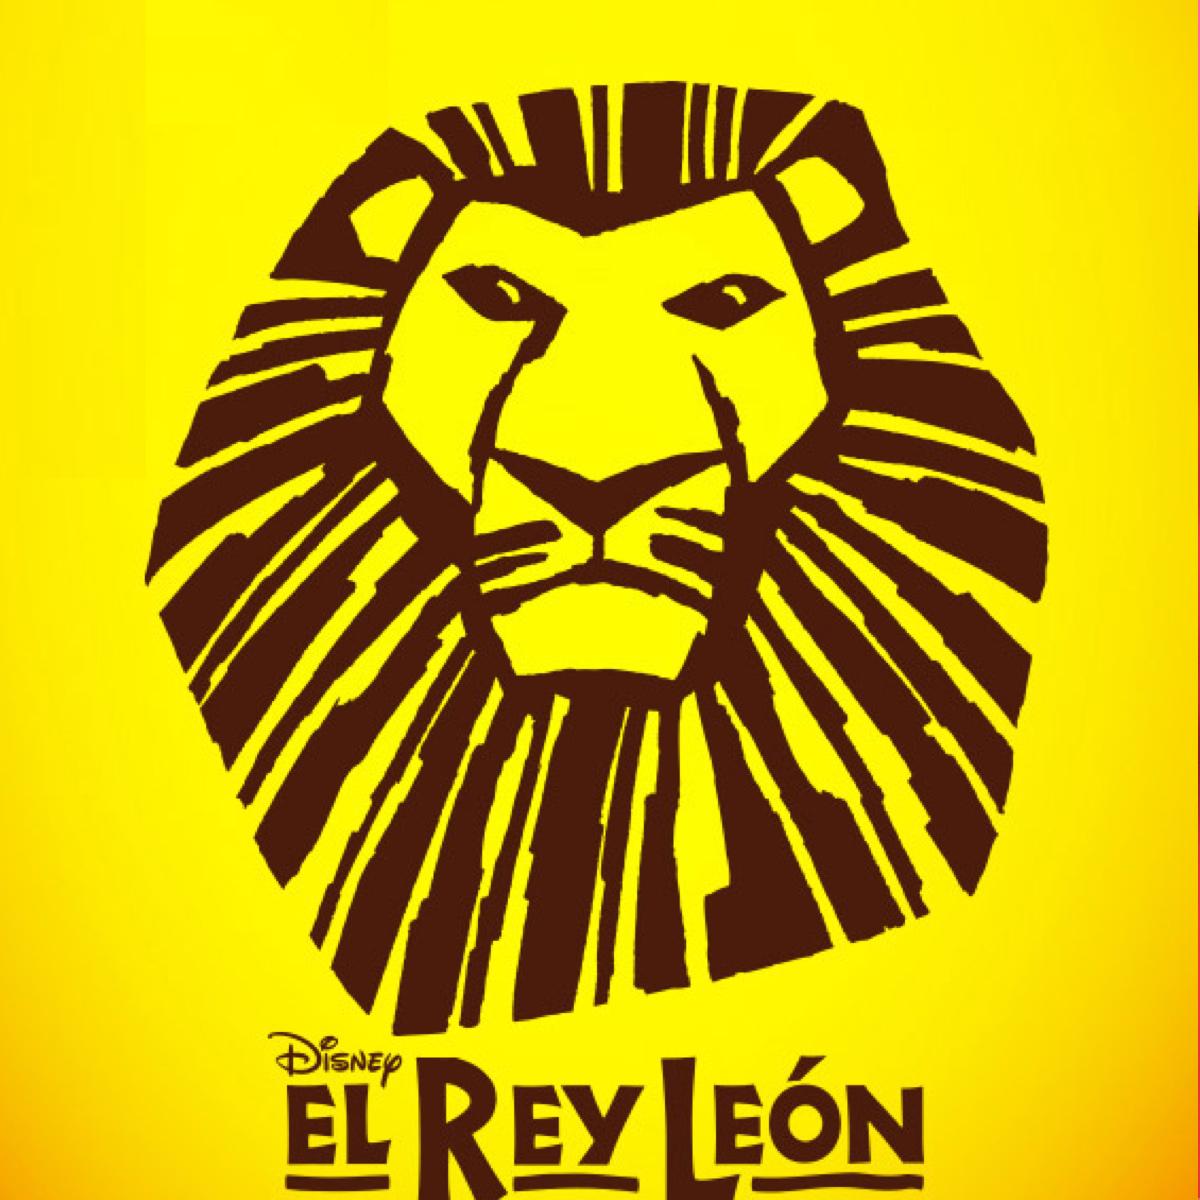 EL REY LEÓN musical, en el teatro Lope de Vega- Madrid Es Teatro.jpg